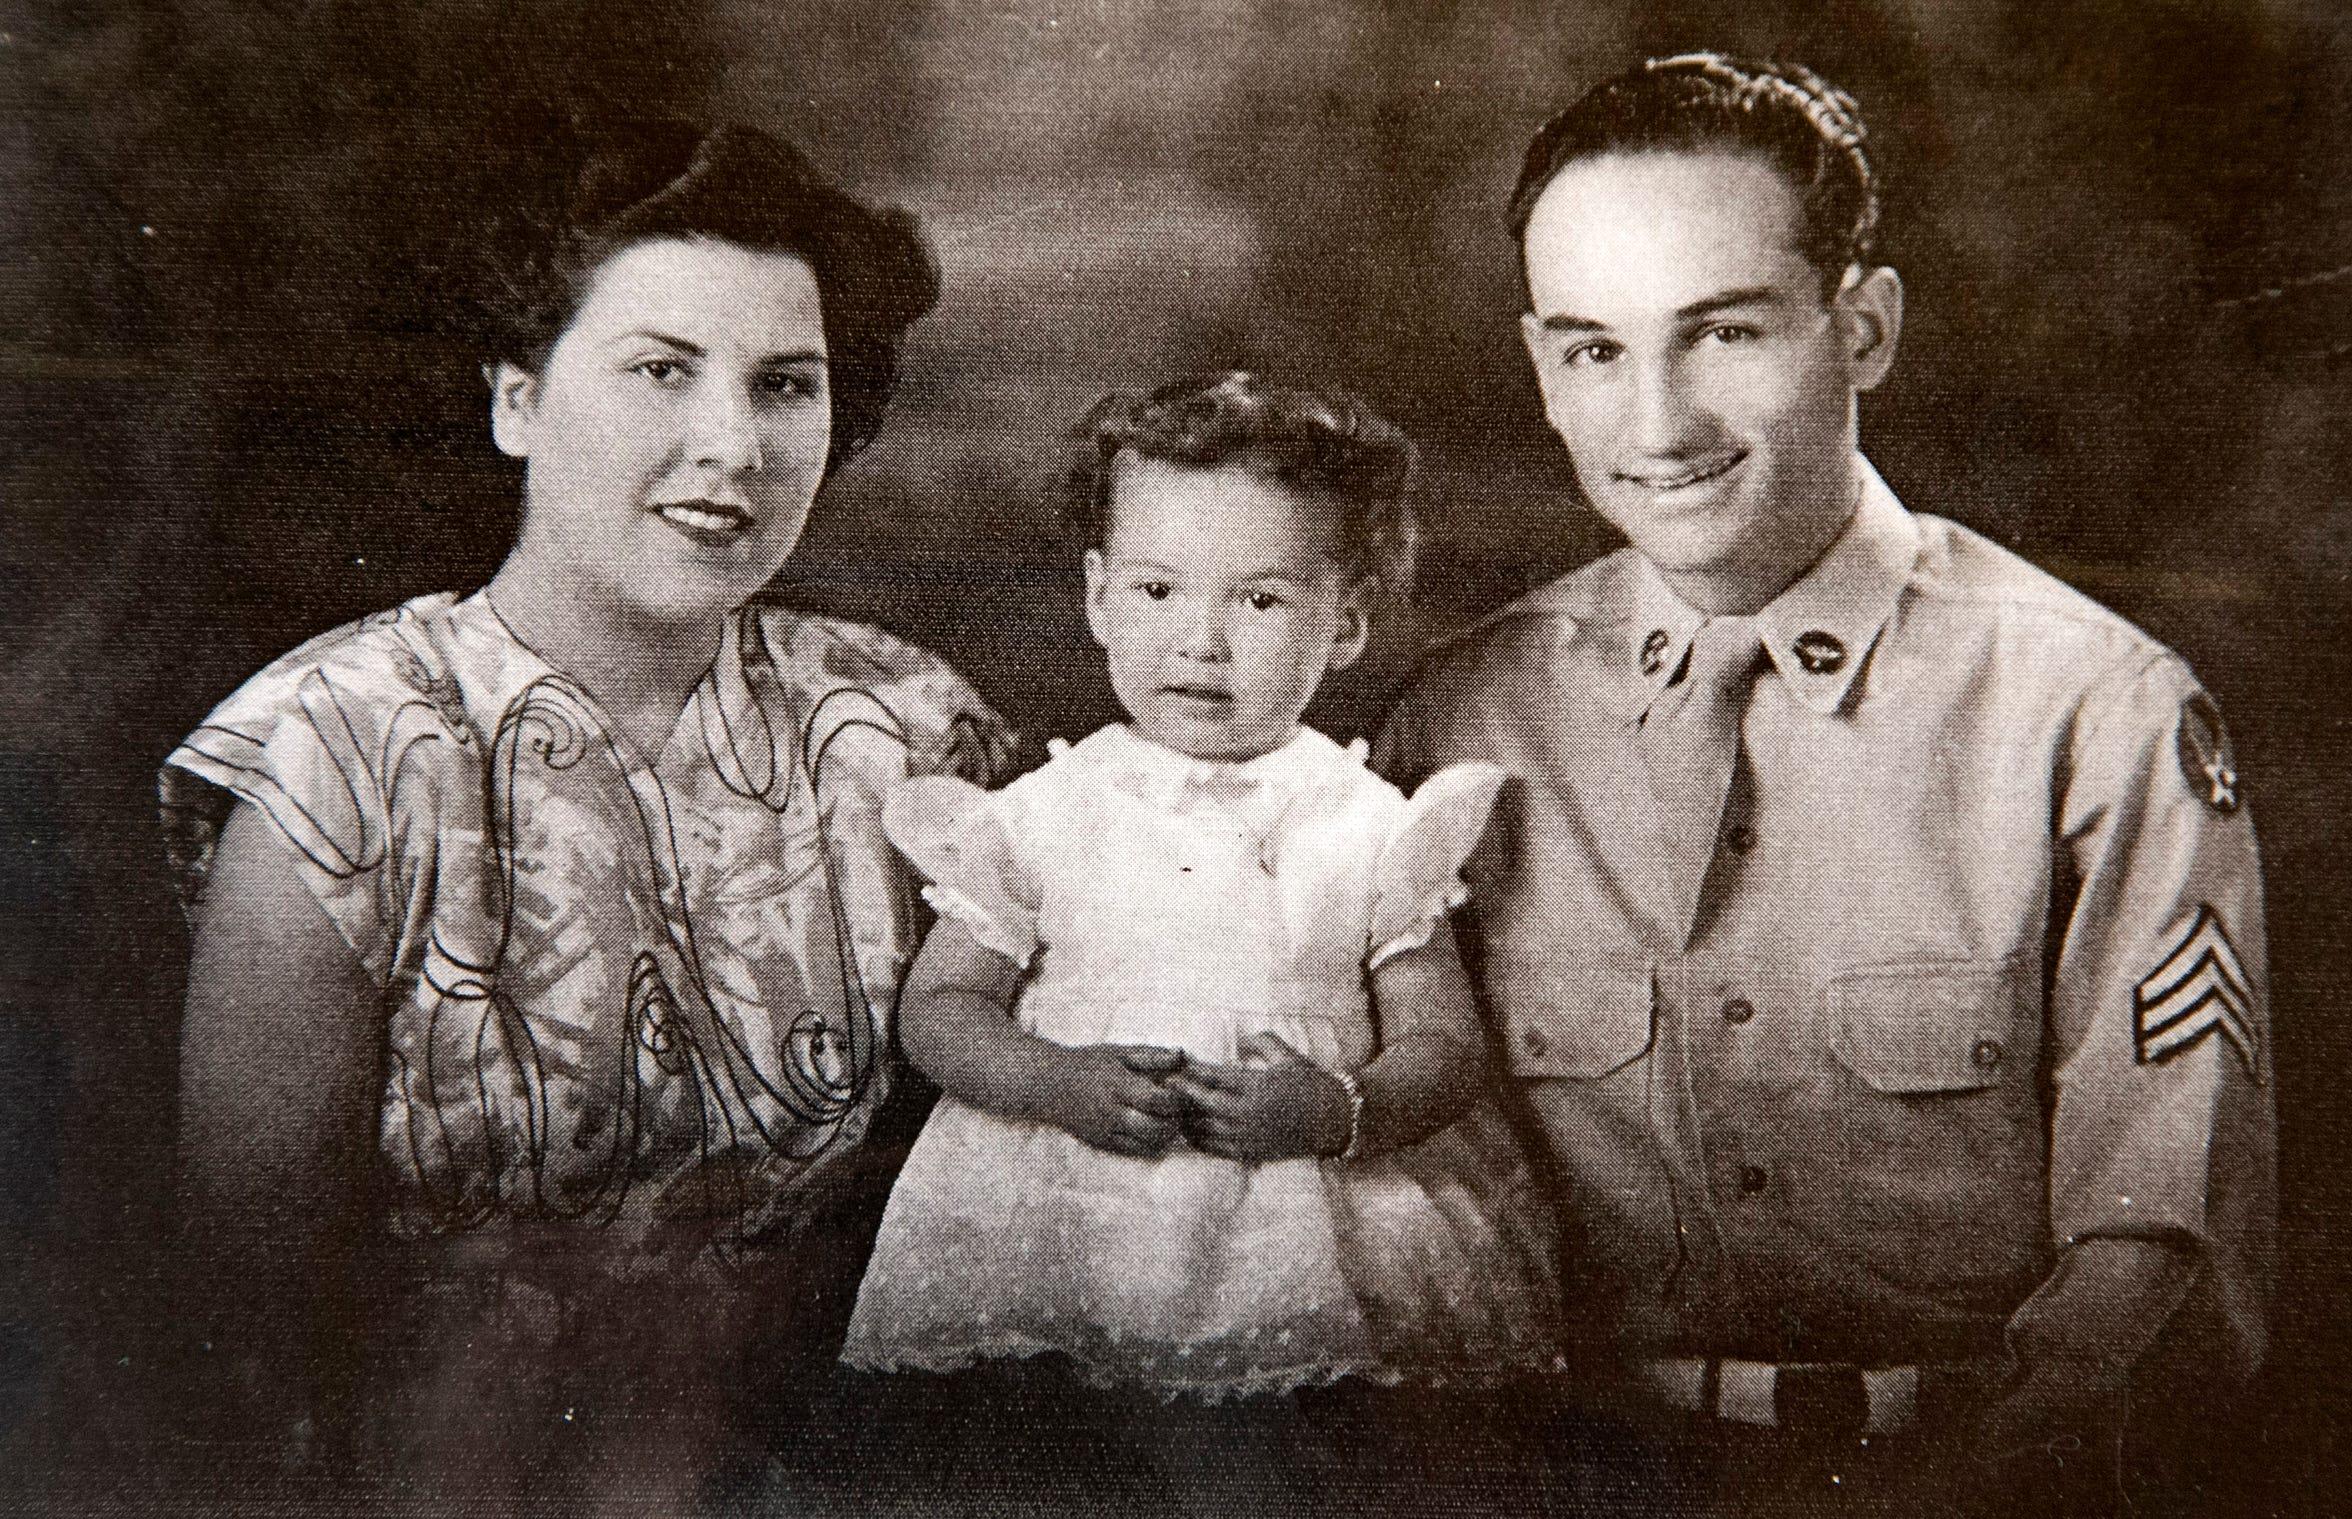 Retrato de la familia Campos (de izq. a der.) jovita, Jennie y Joe Camps. Foto tomada en los años 40's en Miami, AZ.